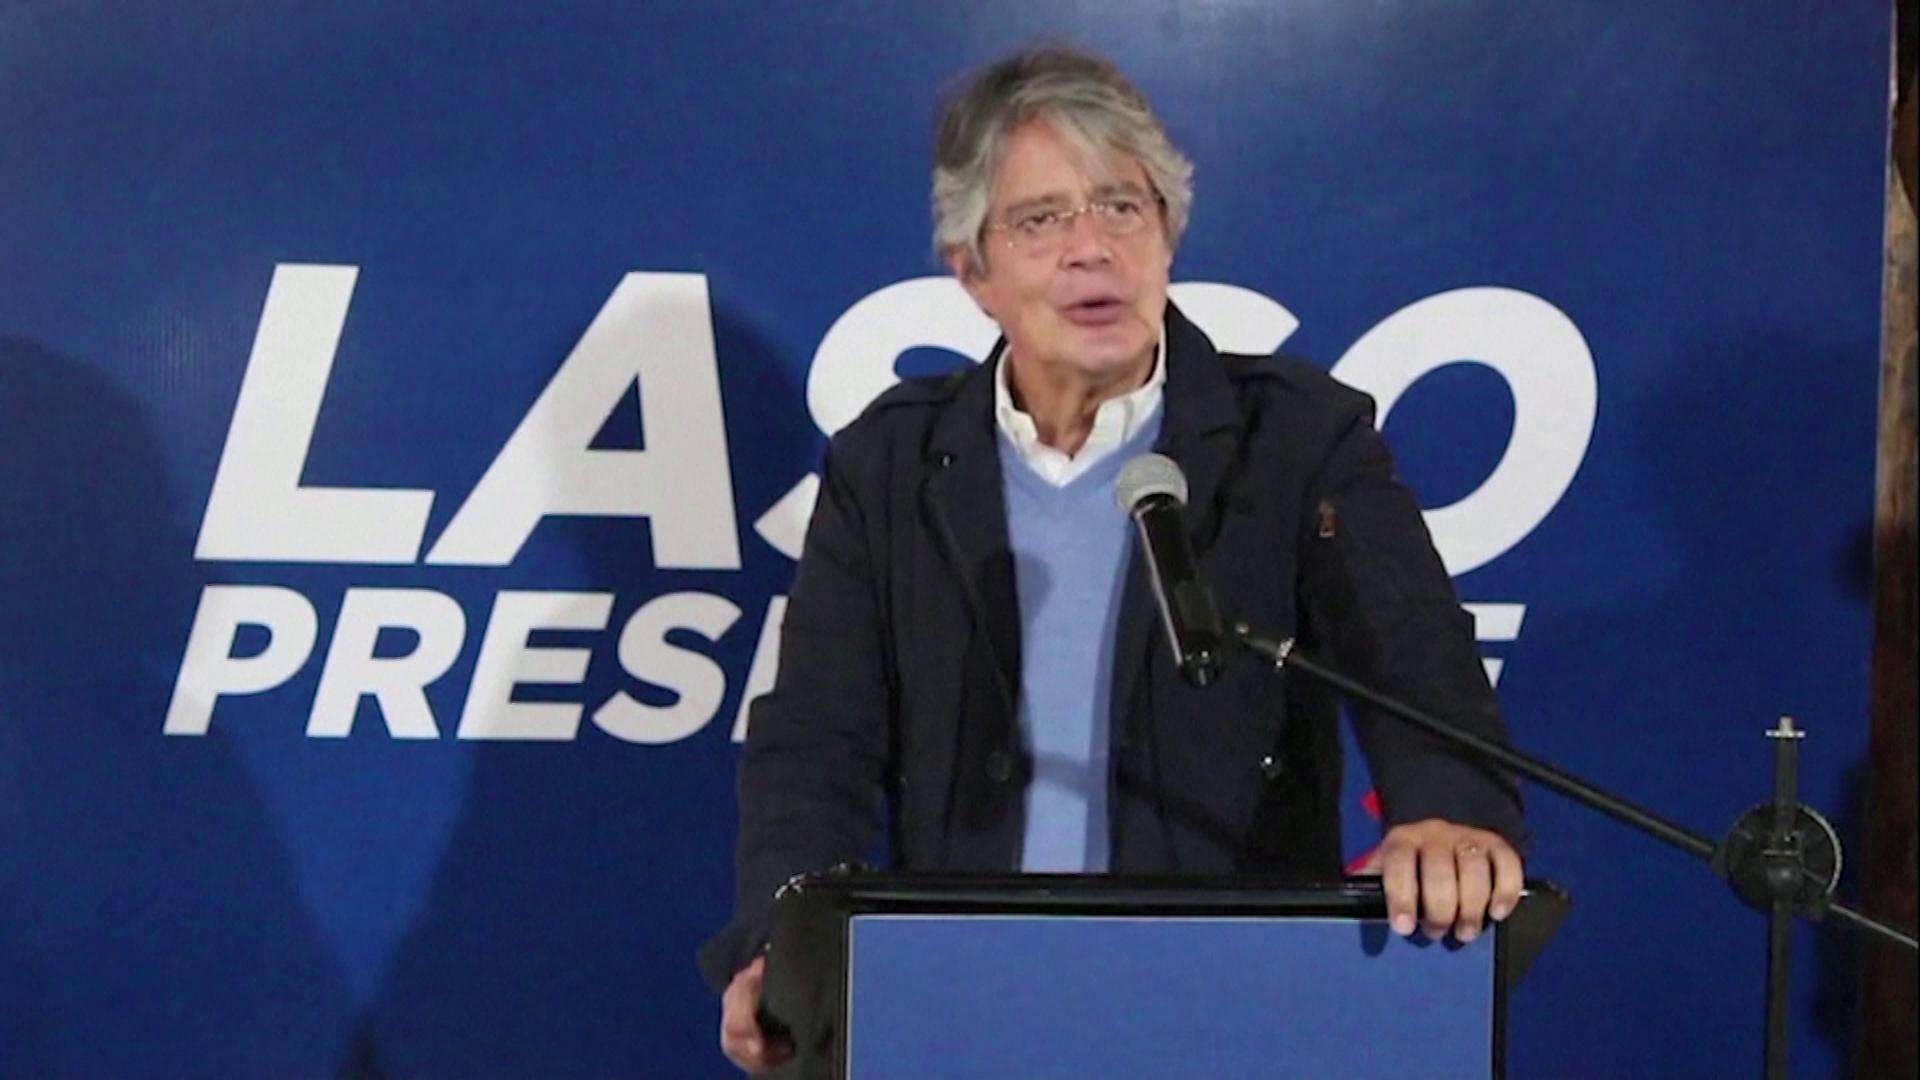 Guilherme Lasso promete estimular economia com investimento estrangeiro